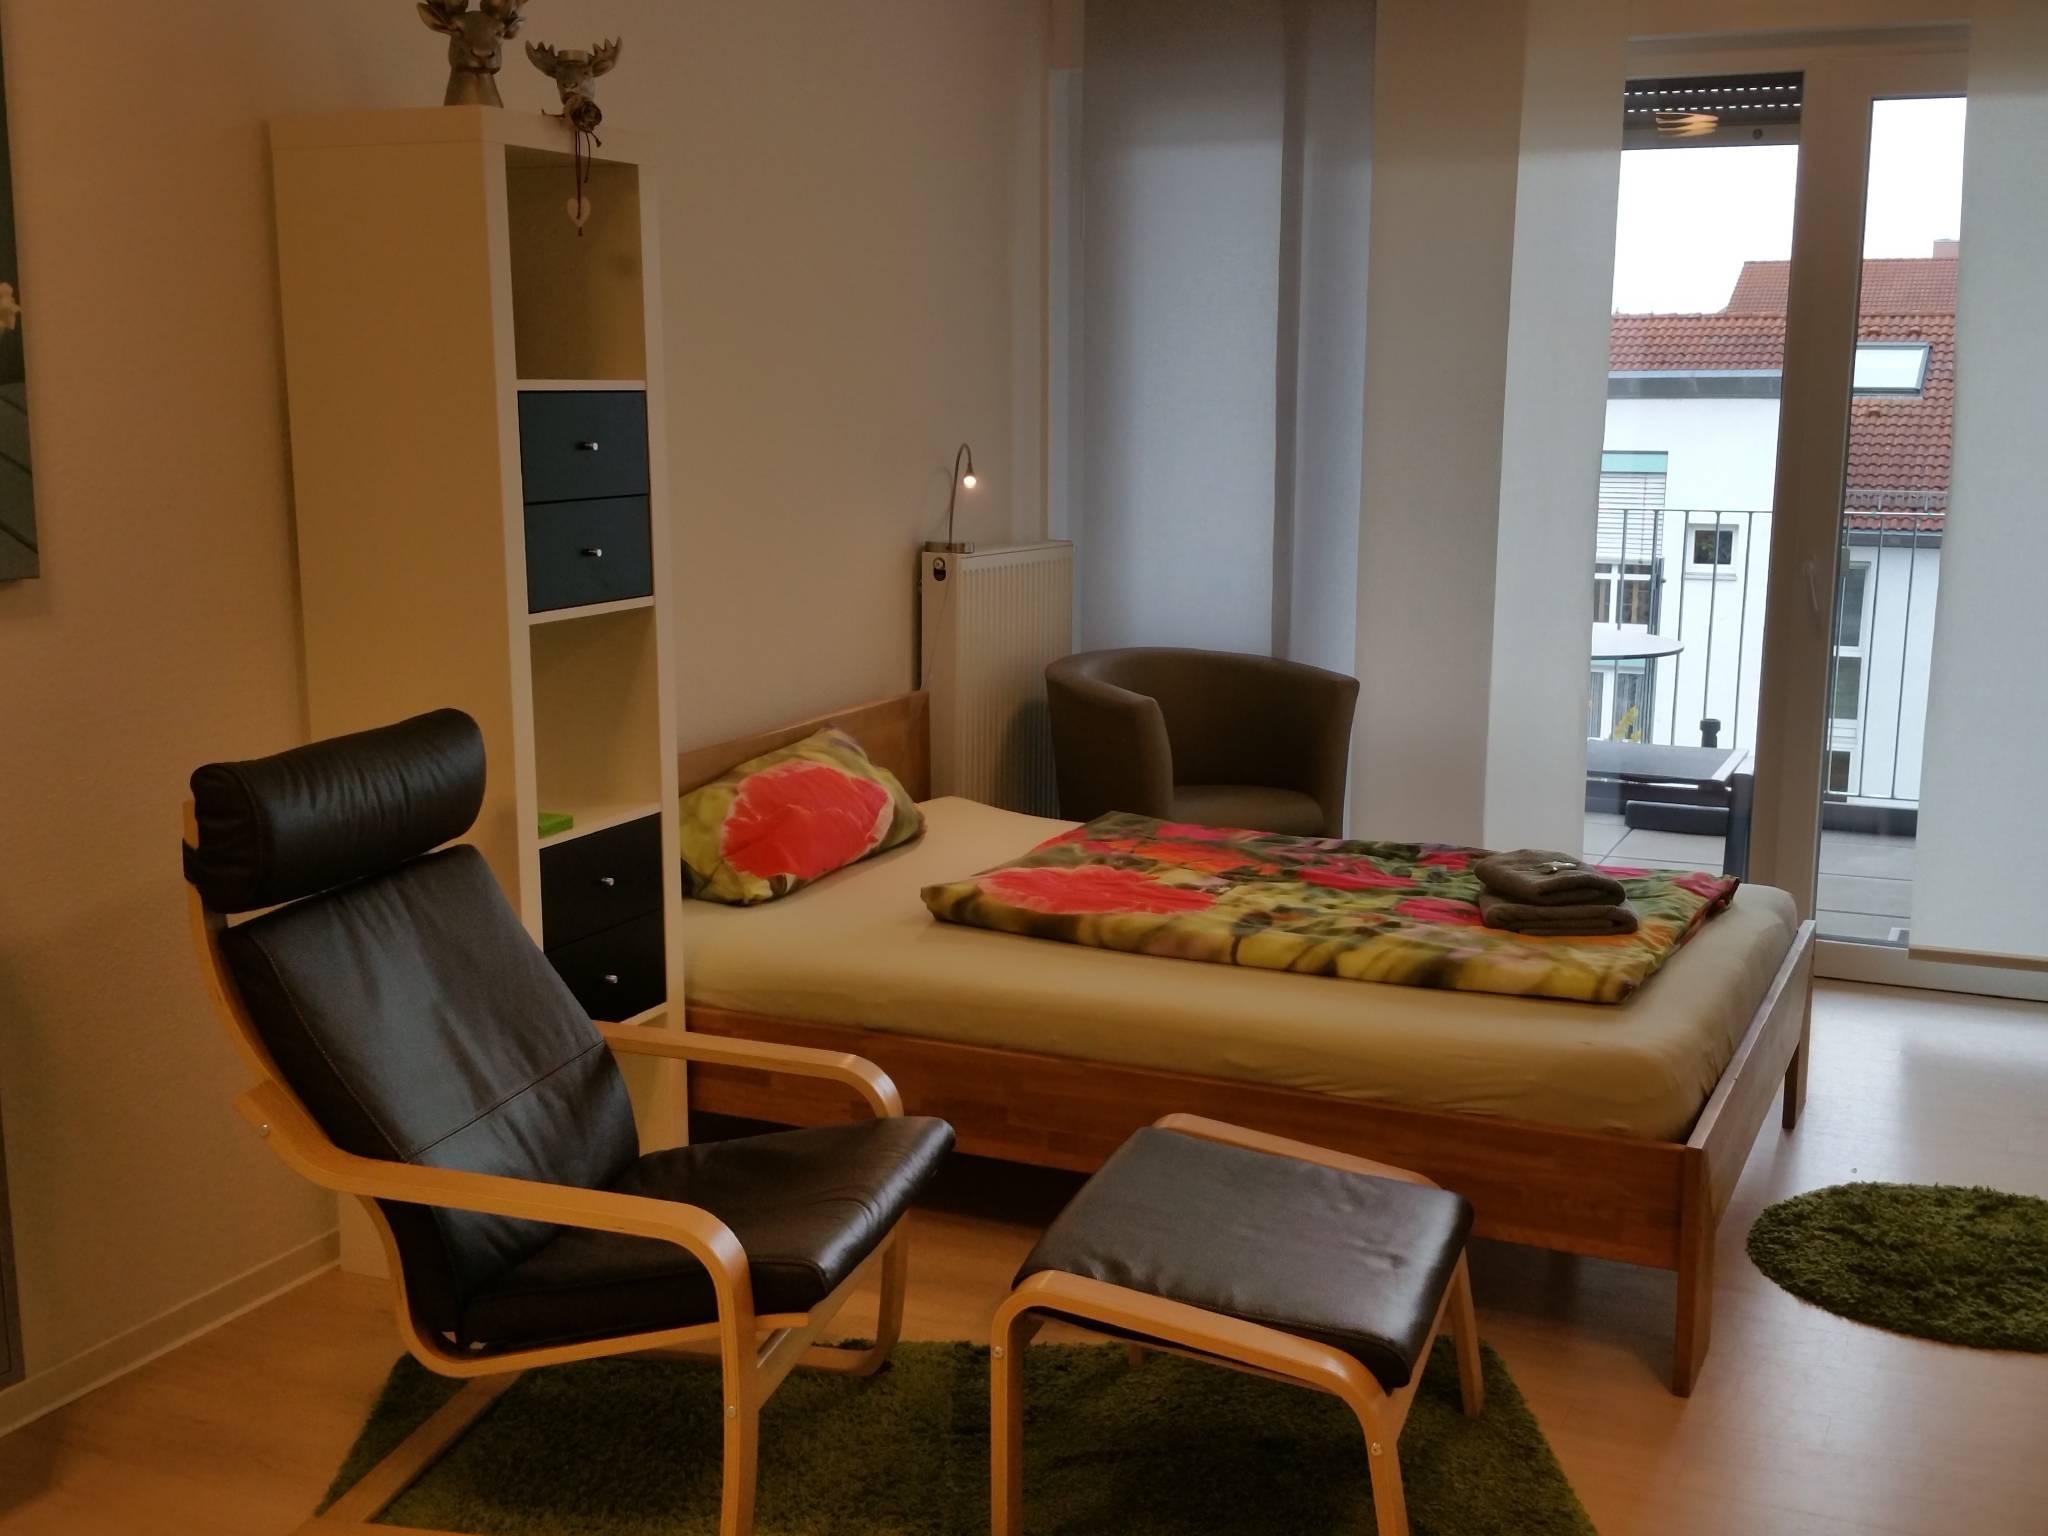 Zusatzbild Nr. 13 von Ferienwohnung Karlsruhe